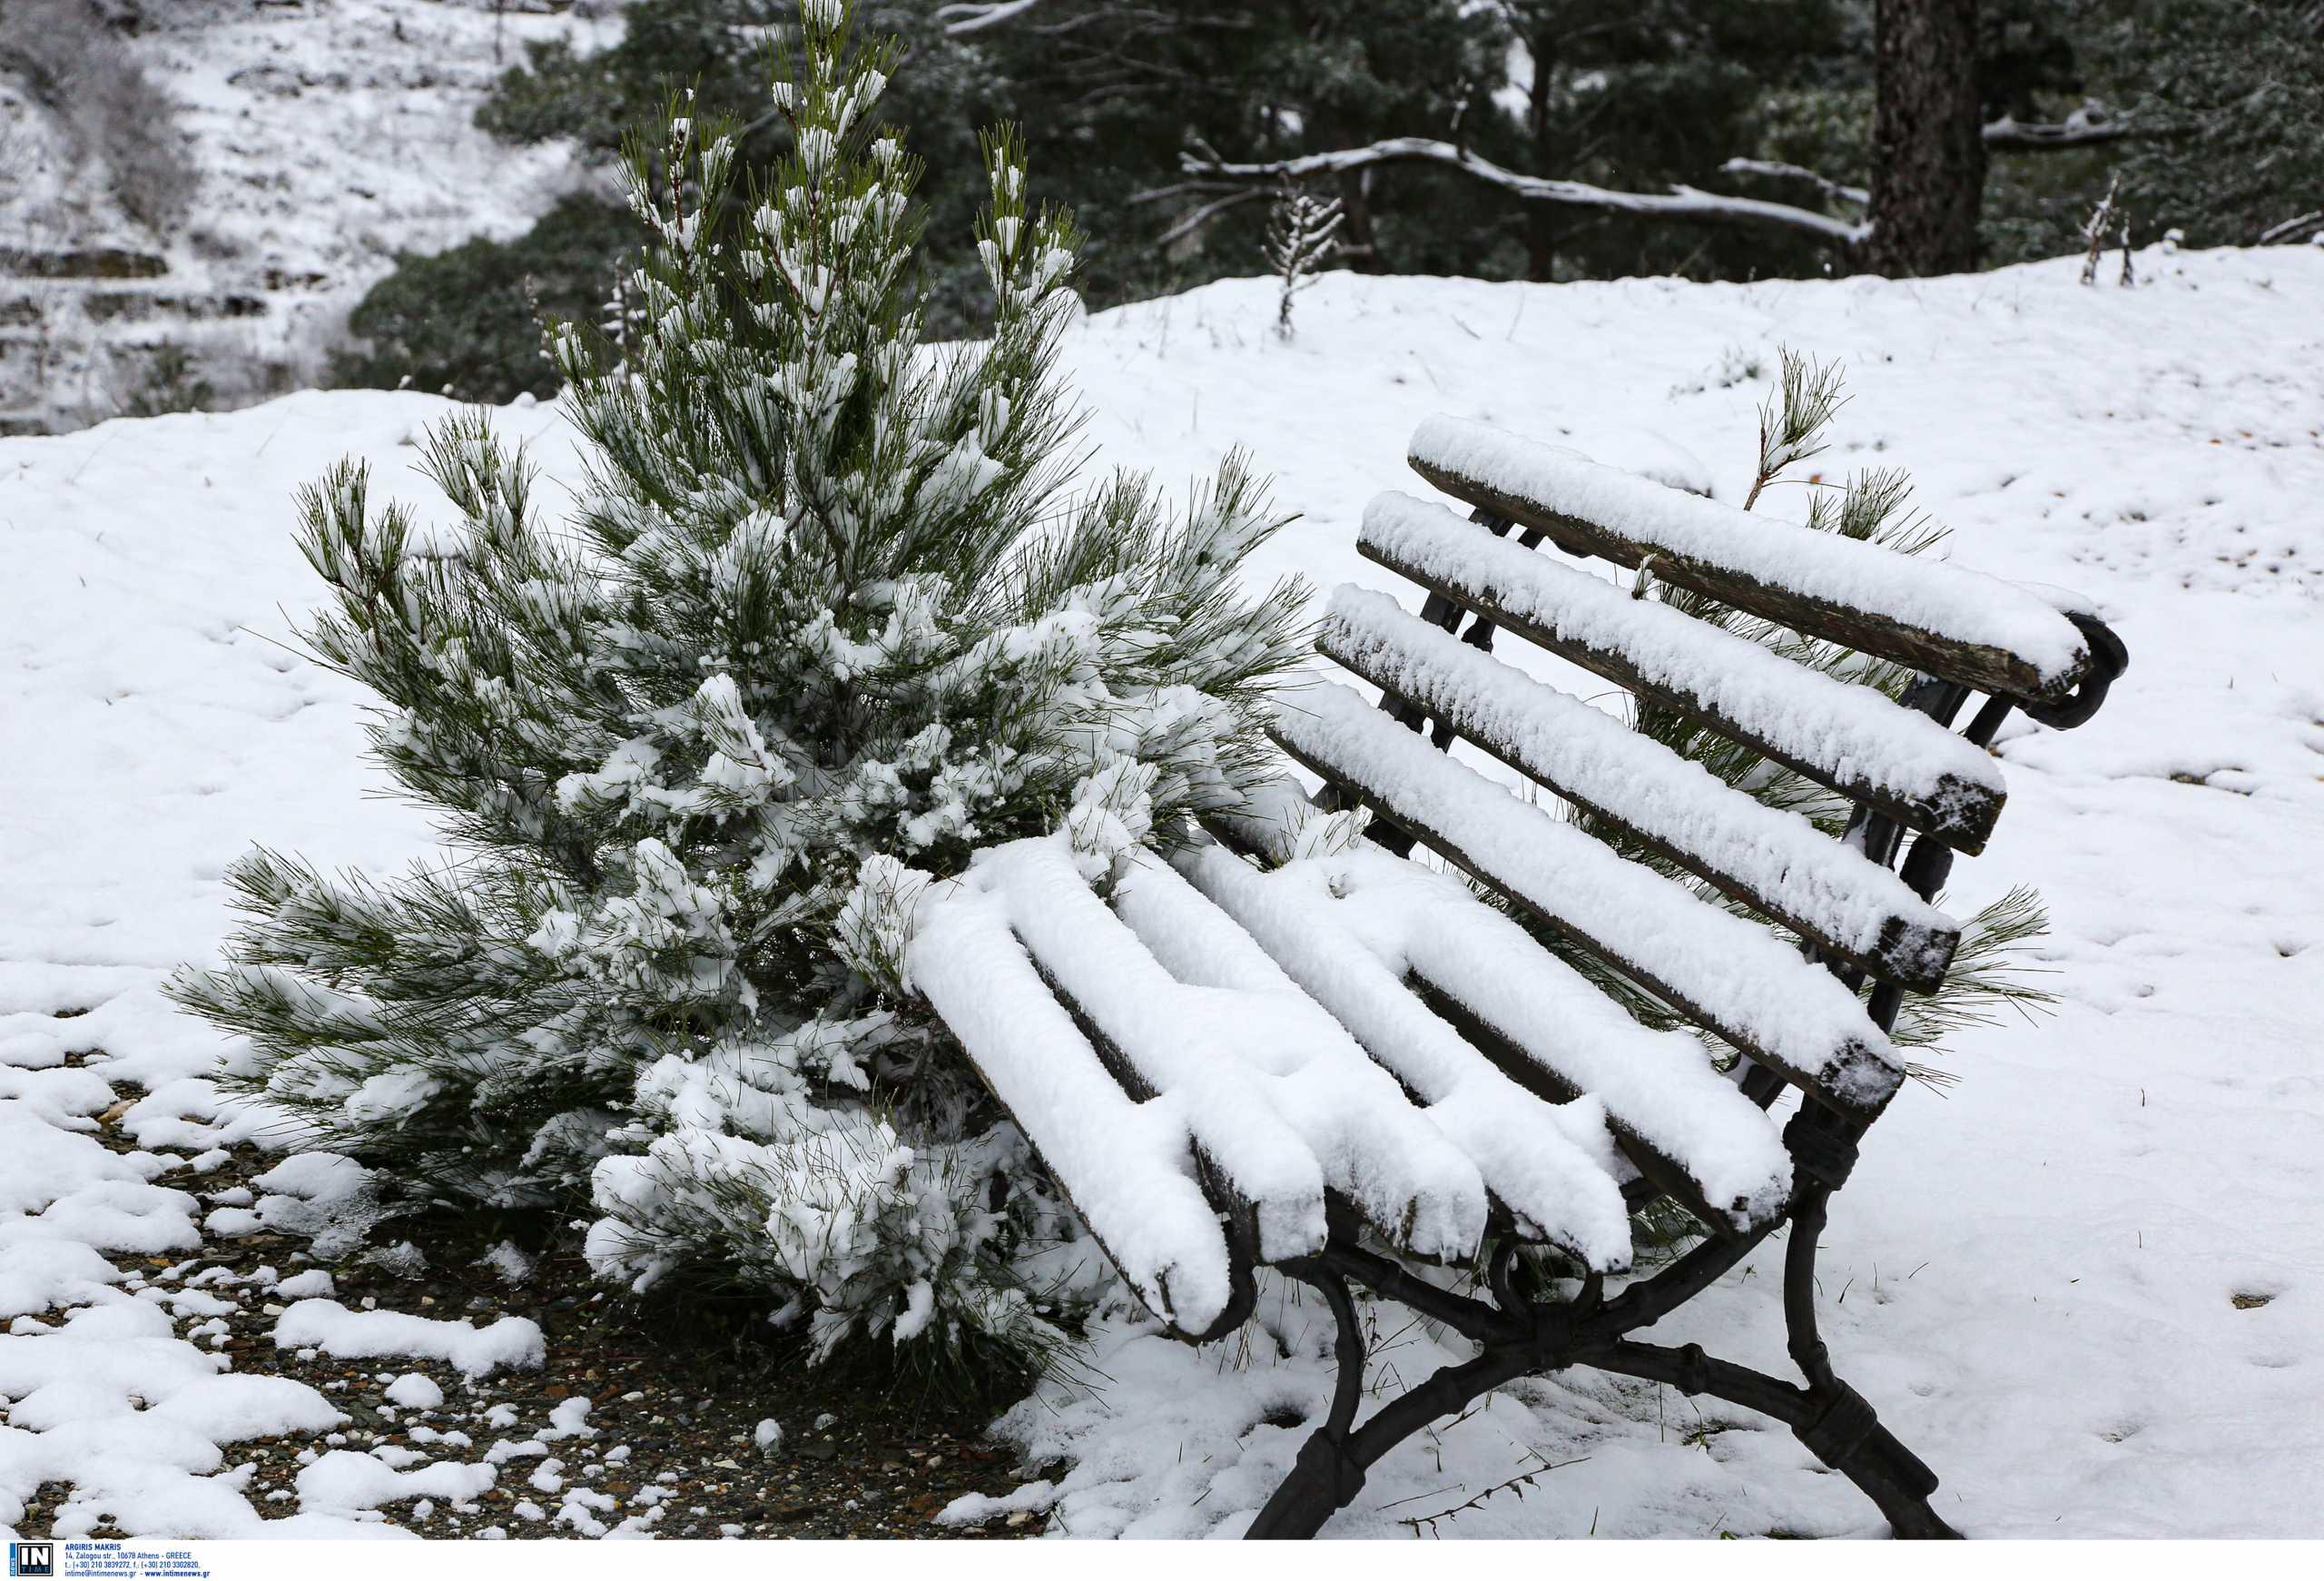 Καιρός – «Μήδεια»: Πότε θα χιονίσει στην Αττική – Από την Παρασκευή «βουτιά» της θερμοκρασίας